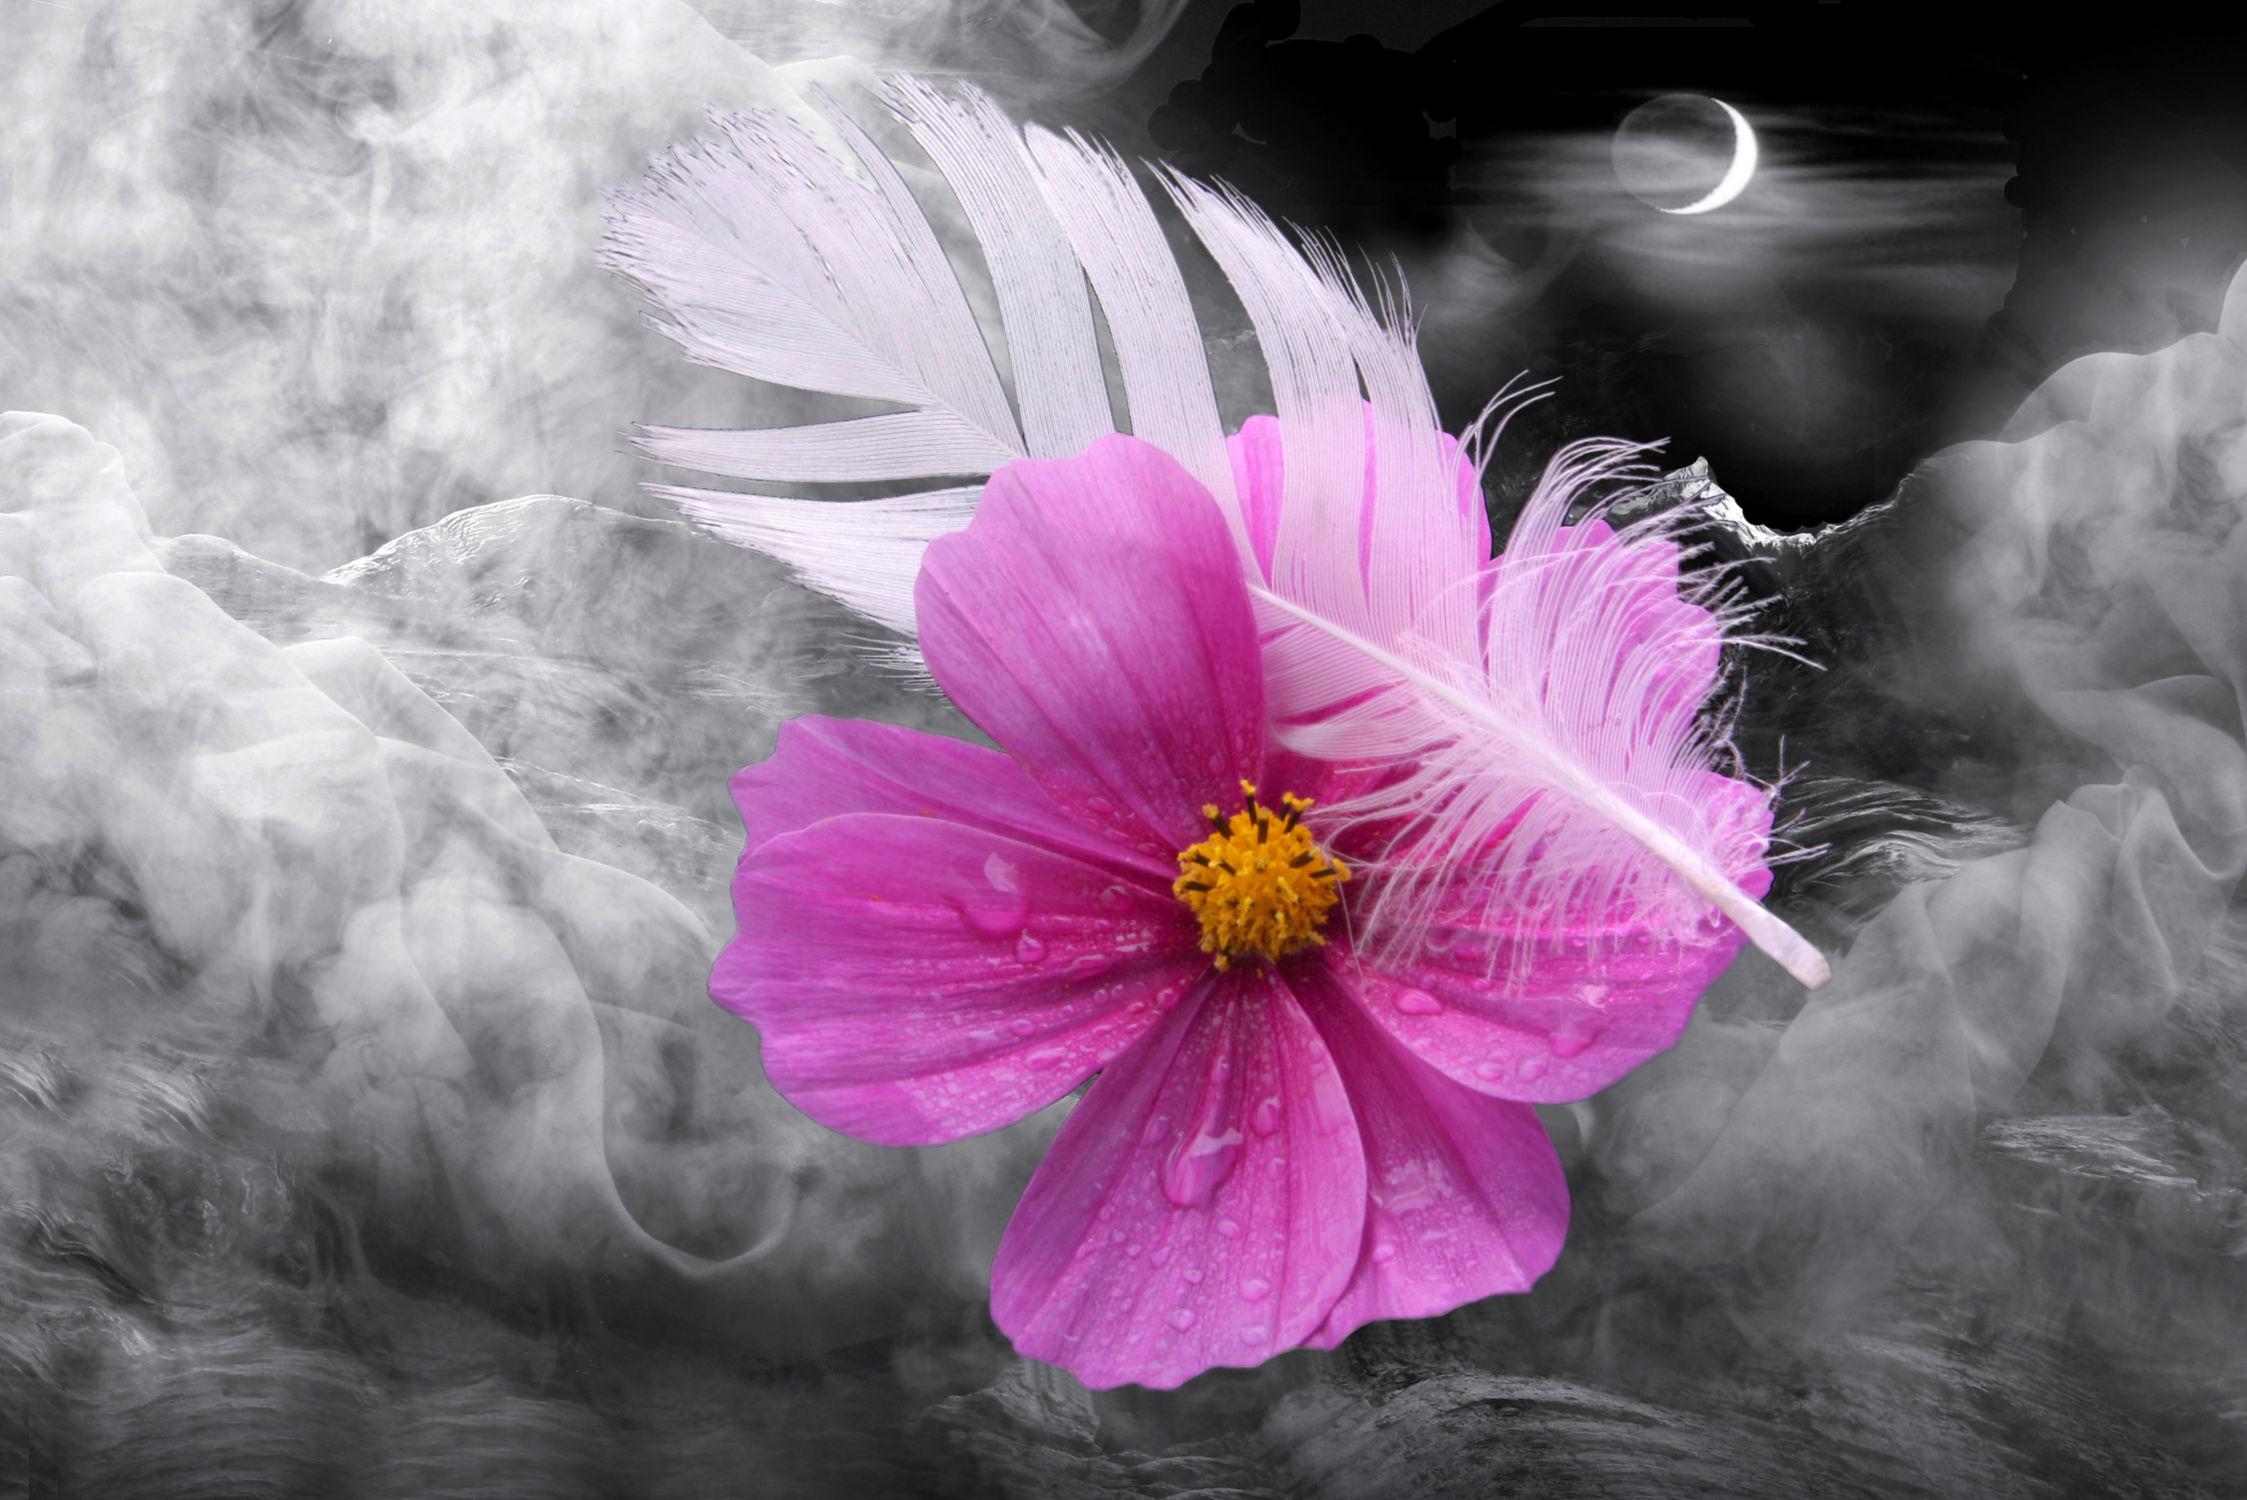 Bild mit Himmel, Wolken, Blumen, Sonne, Blume, Floral, cosmea, Blüten, blüte, pink, romantisch, Feder